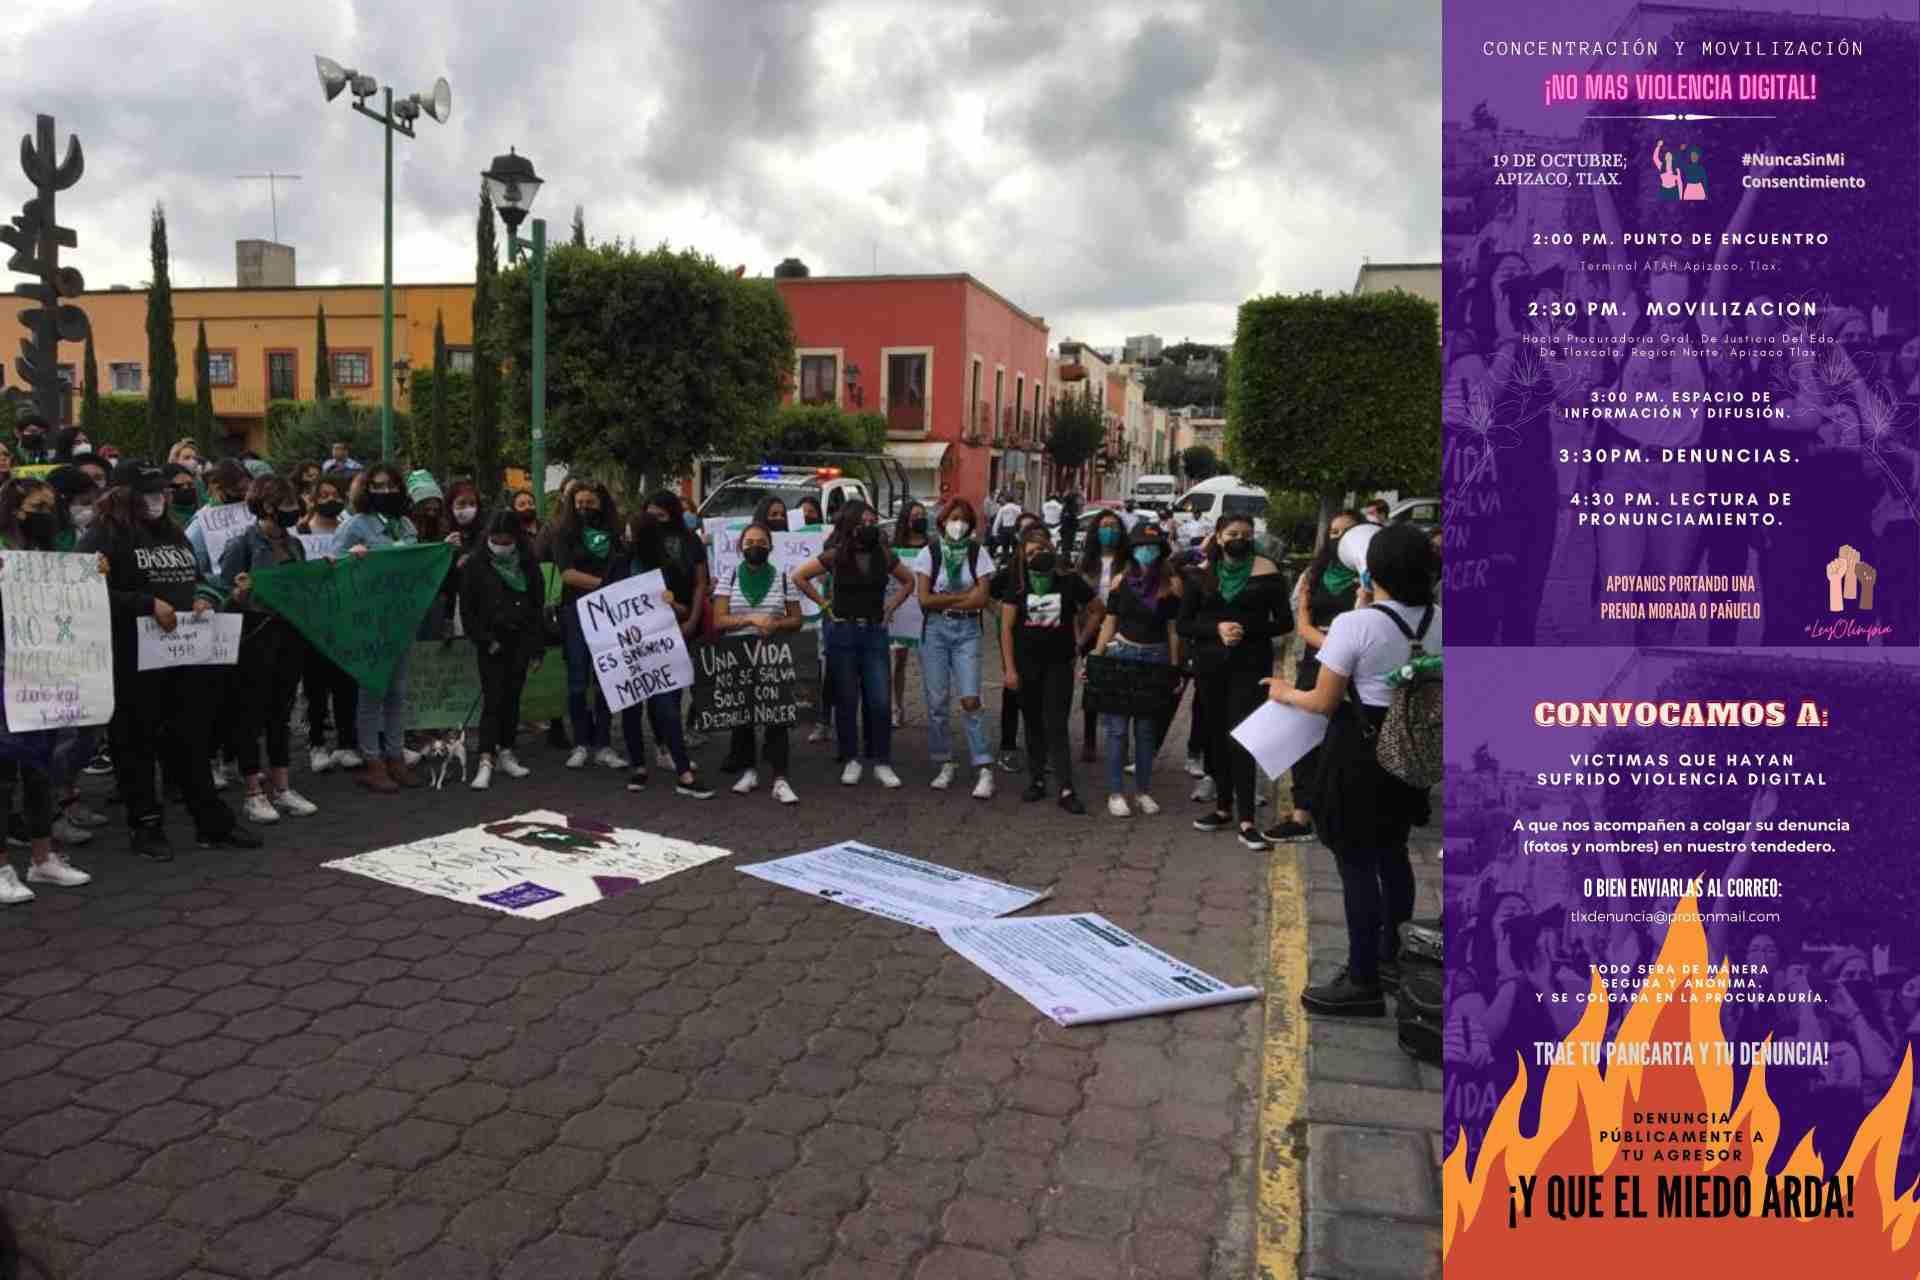 María-Packs-Fotos íntimas-Ley Olimpia-Tlaxcala